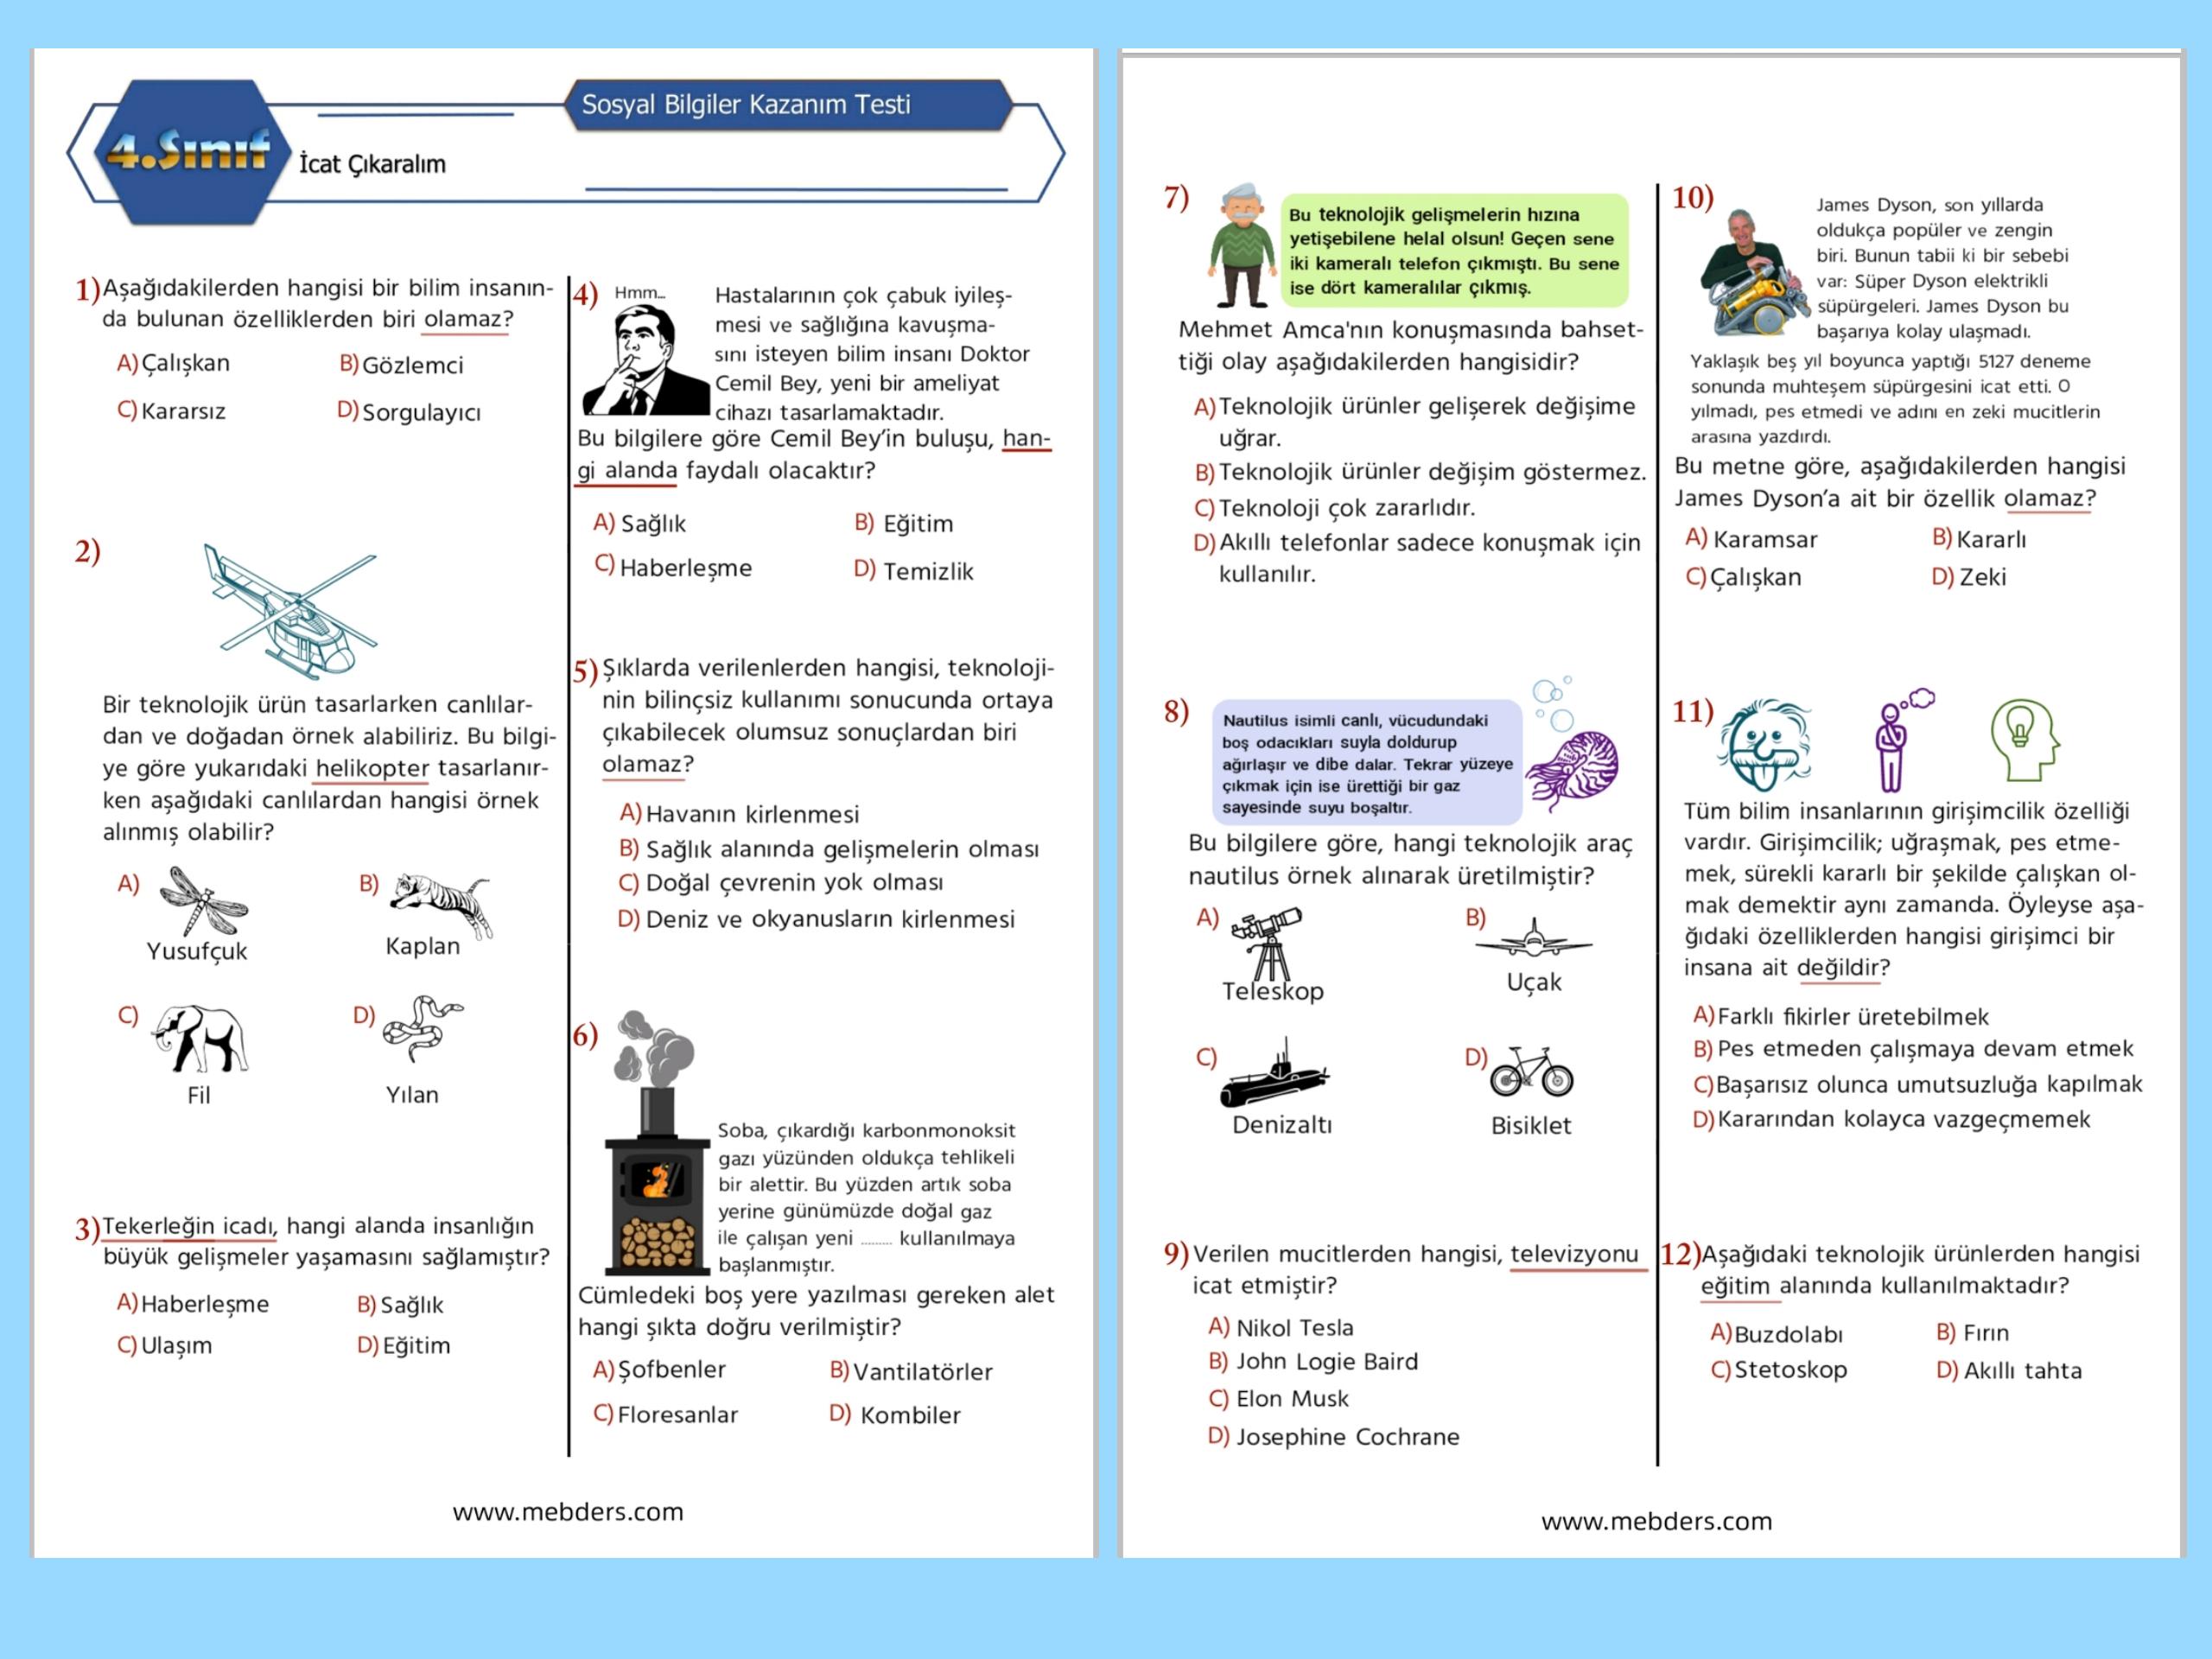 4. Sınıf Sosyal Bilgiler İcat Çıkaralım Kazanım Testi